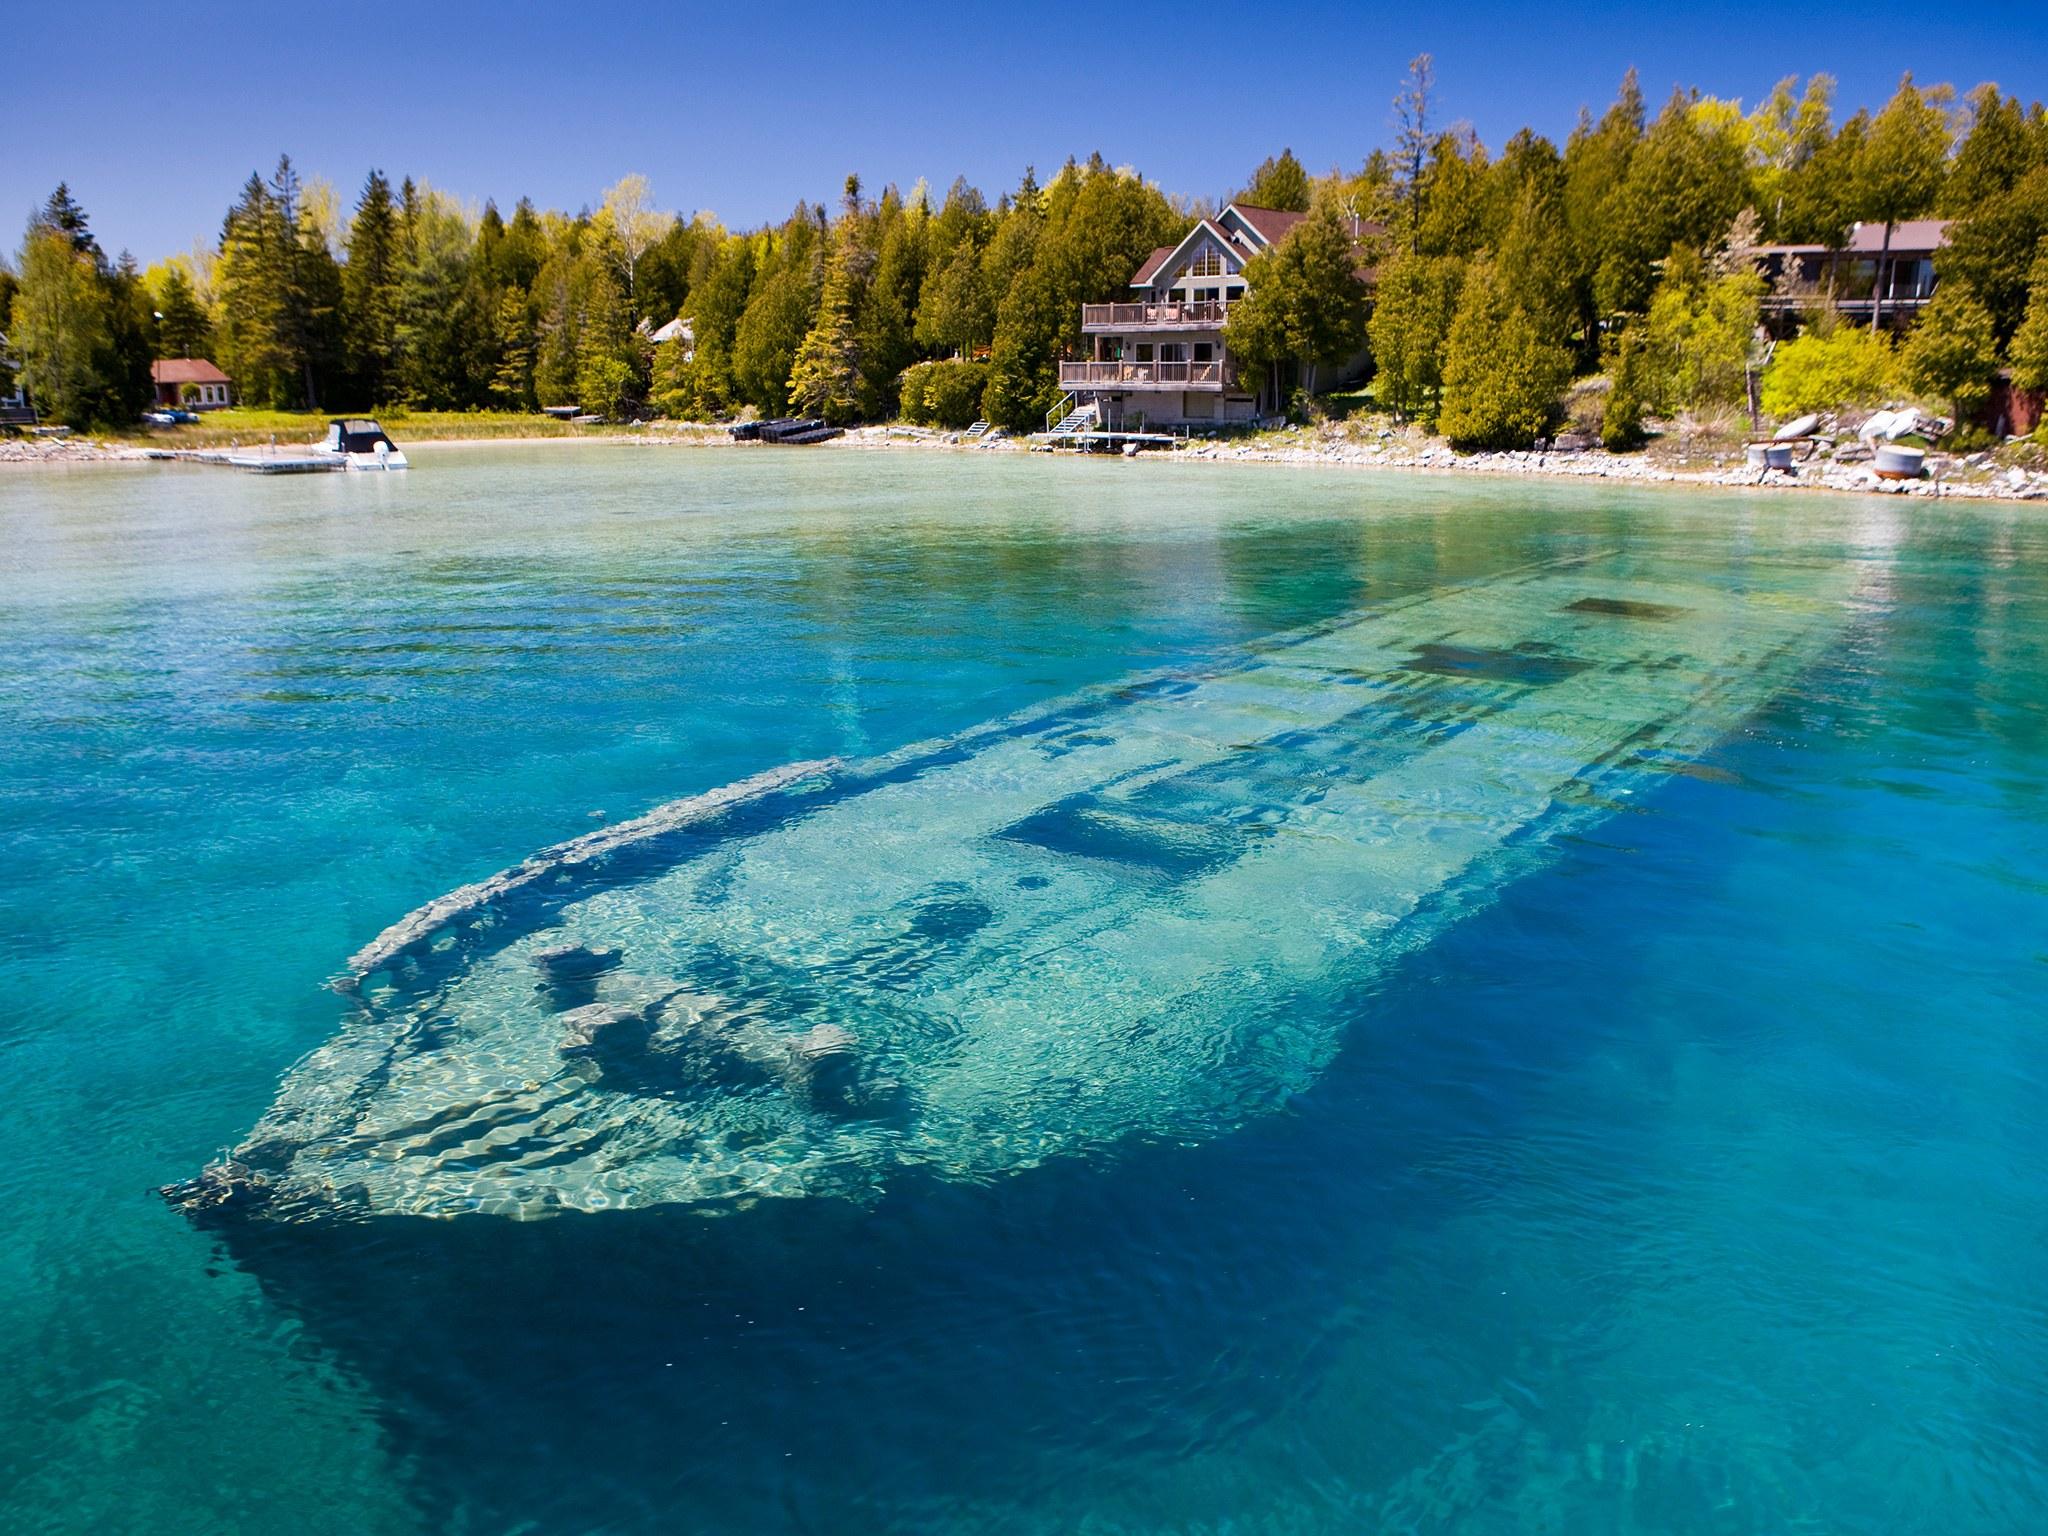 4. Затонувшая шхуна Sweepstakes, озеро Гурон, Канада. Вблизи берега, на дне канадского озера Гурон,